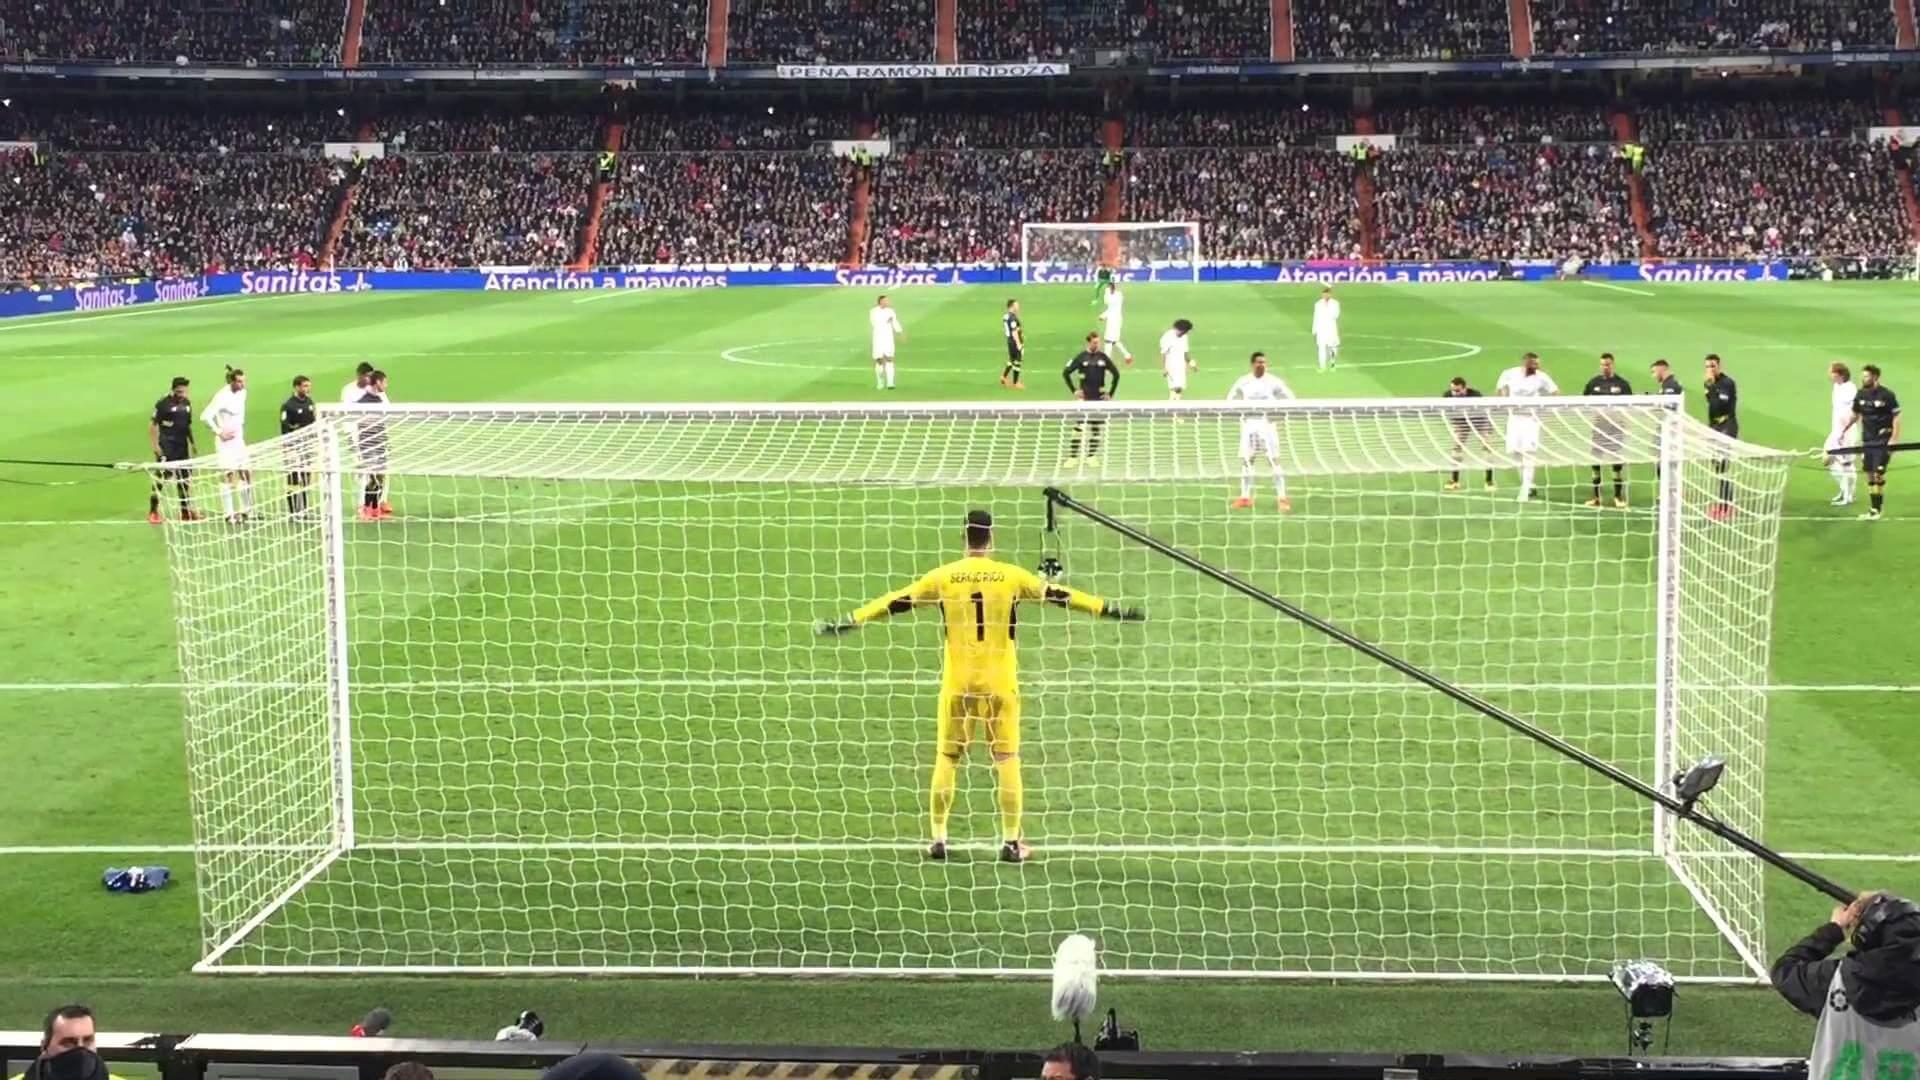 انشا در مورد مشاهده مسابقه فوتبال از روزنه تور دروازه